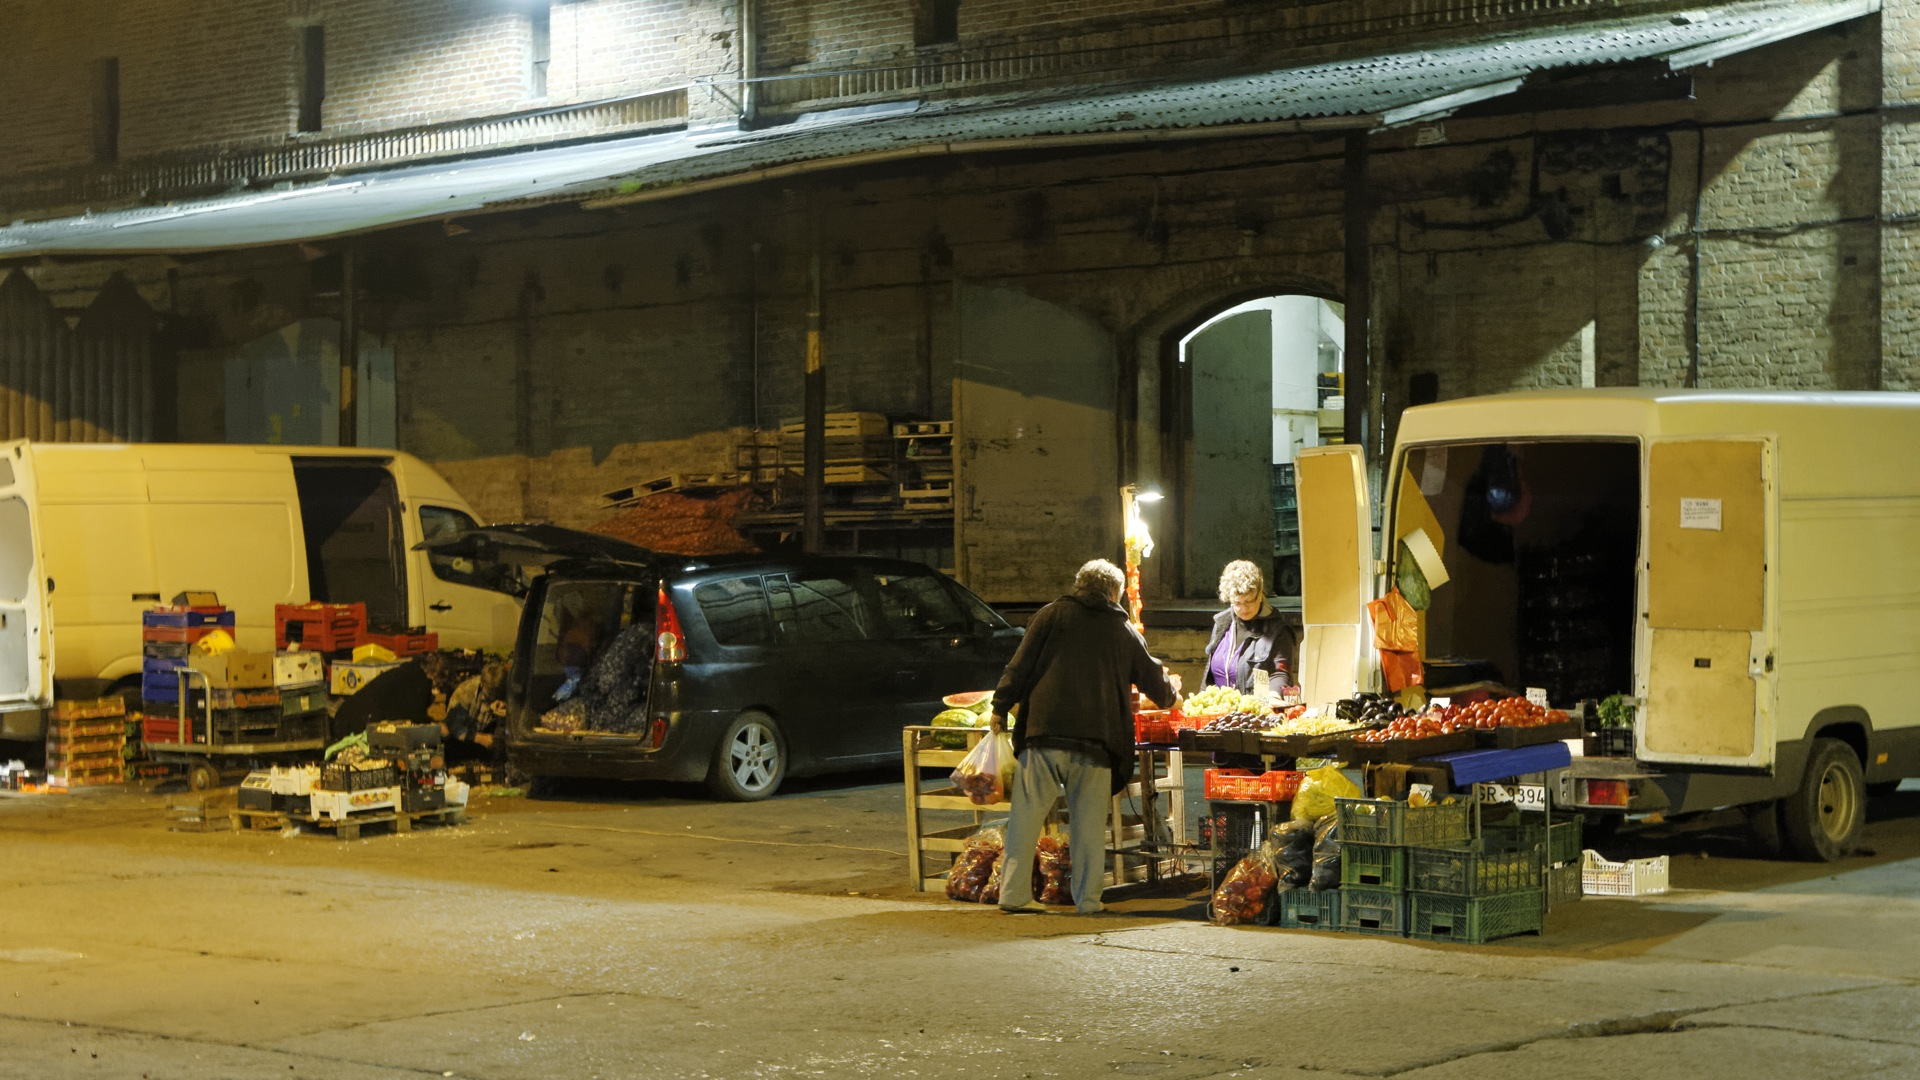 Bild: Auf dem Nachtmarkt an den Zentralmarkthallen in Rīga. Ein genauer Blick auf die Ware lohnt ... NIKON D700 mit TAMRON SP 24-70mm F/2.8 Di VC USD. ISO 6400 ¦ f/5,6 ¦ 50 mm ¦ 1/15 s ¦ kein Blitz. Klicken Sie auf das Bild um es zu vergrößern.